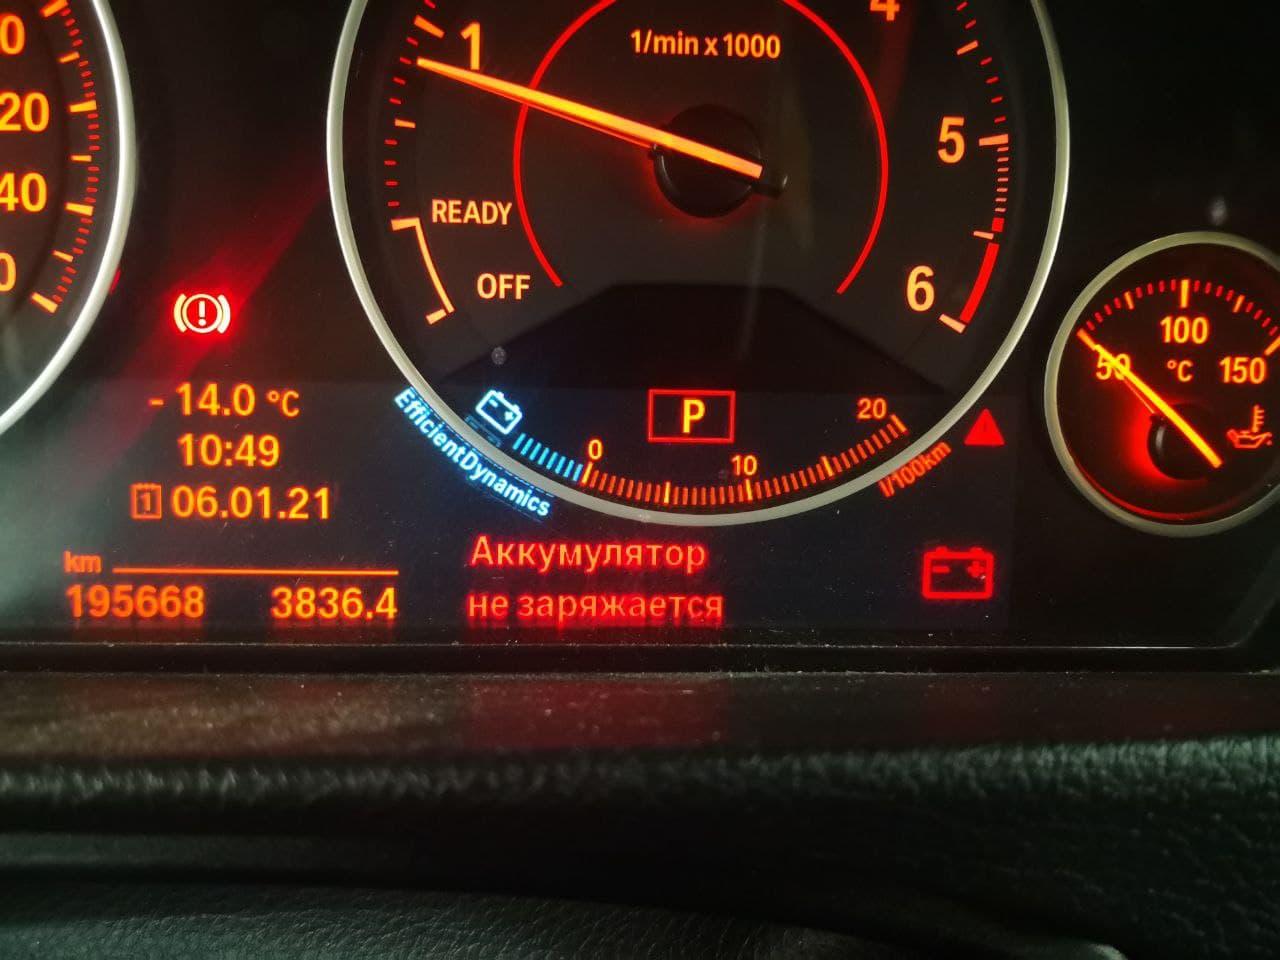 сообщение на панели BMW, аккумулятор не заряжается